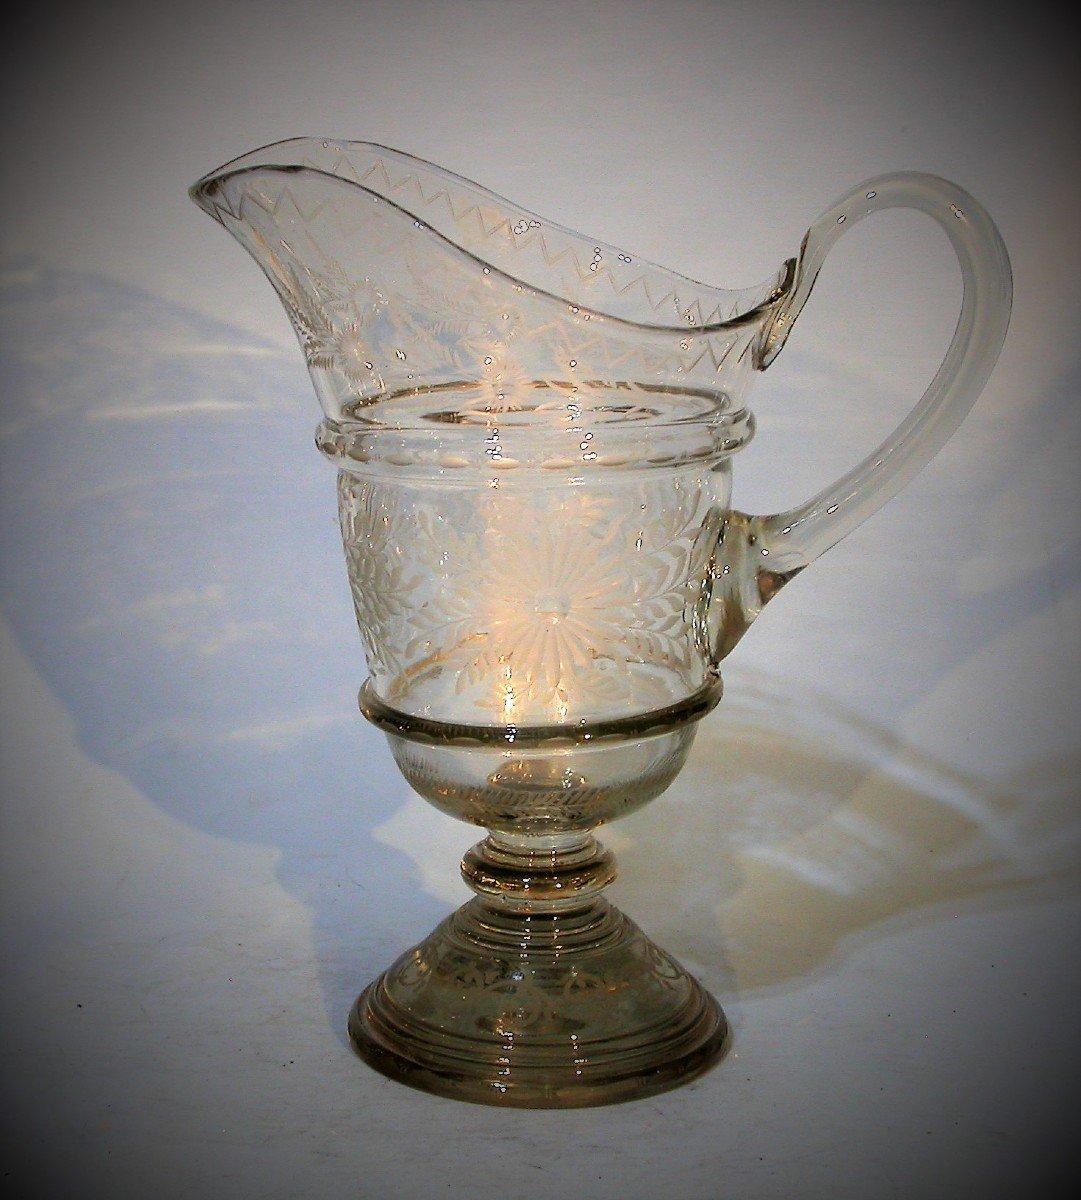 Glass Ewer - XIX Th C